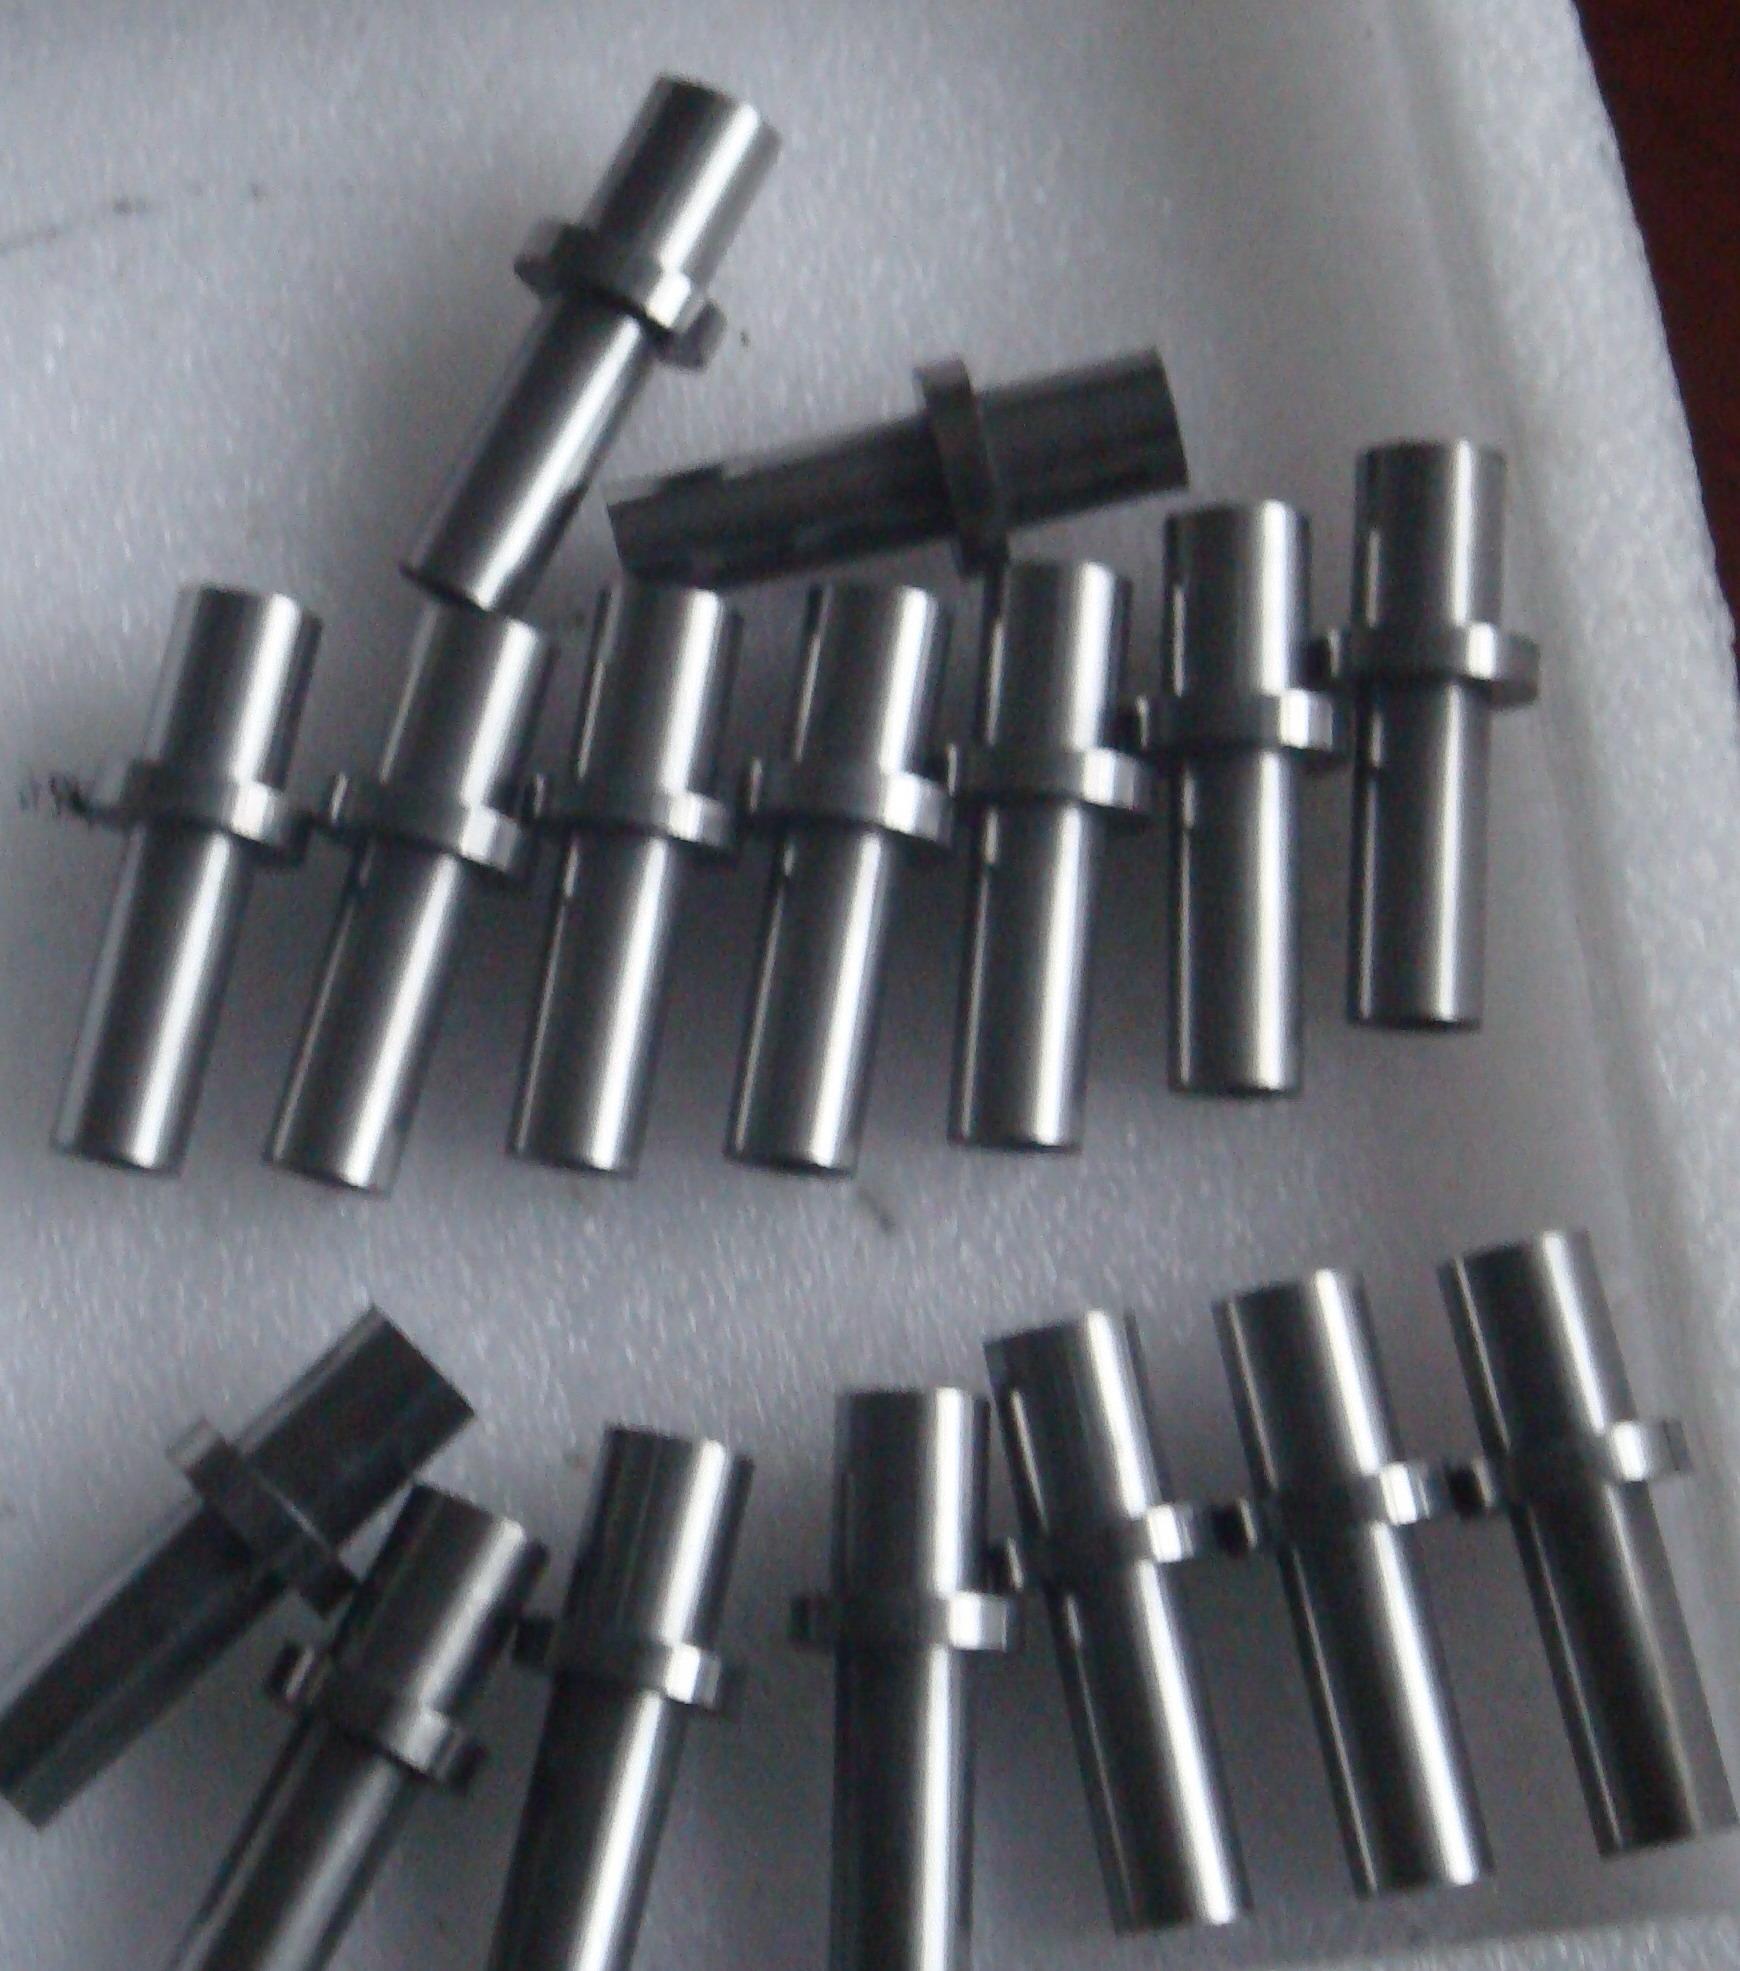 气门 成型 导管 压机 压制 专用 一次性/一次性压制成型气门导管专用压机